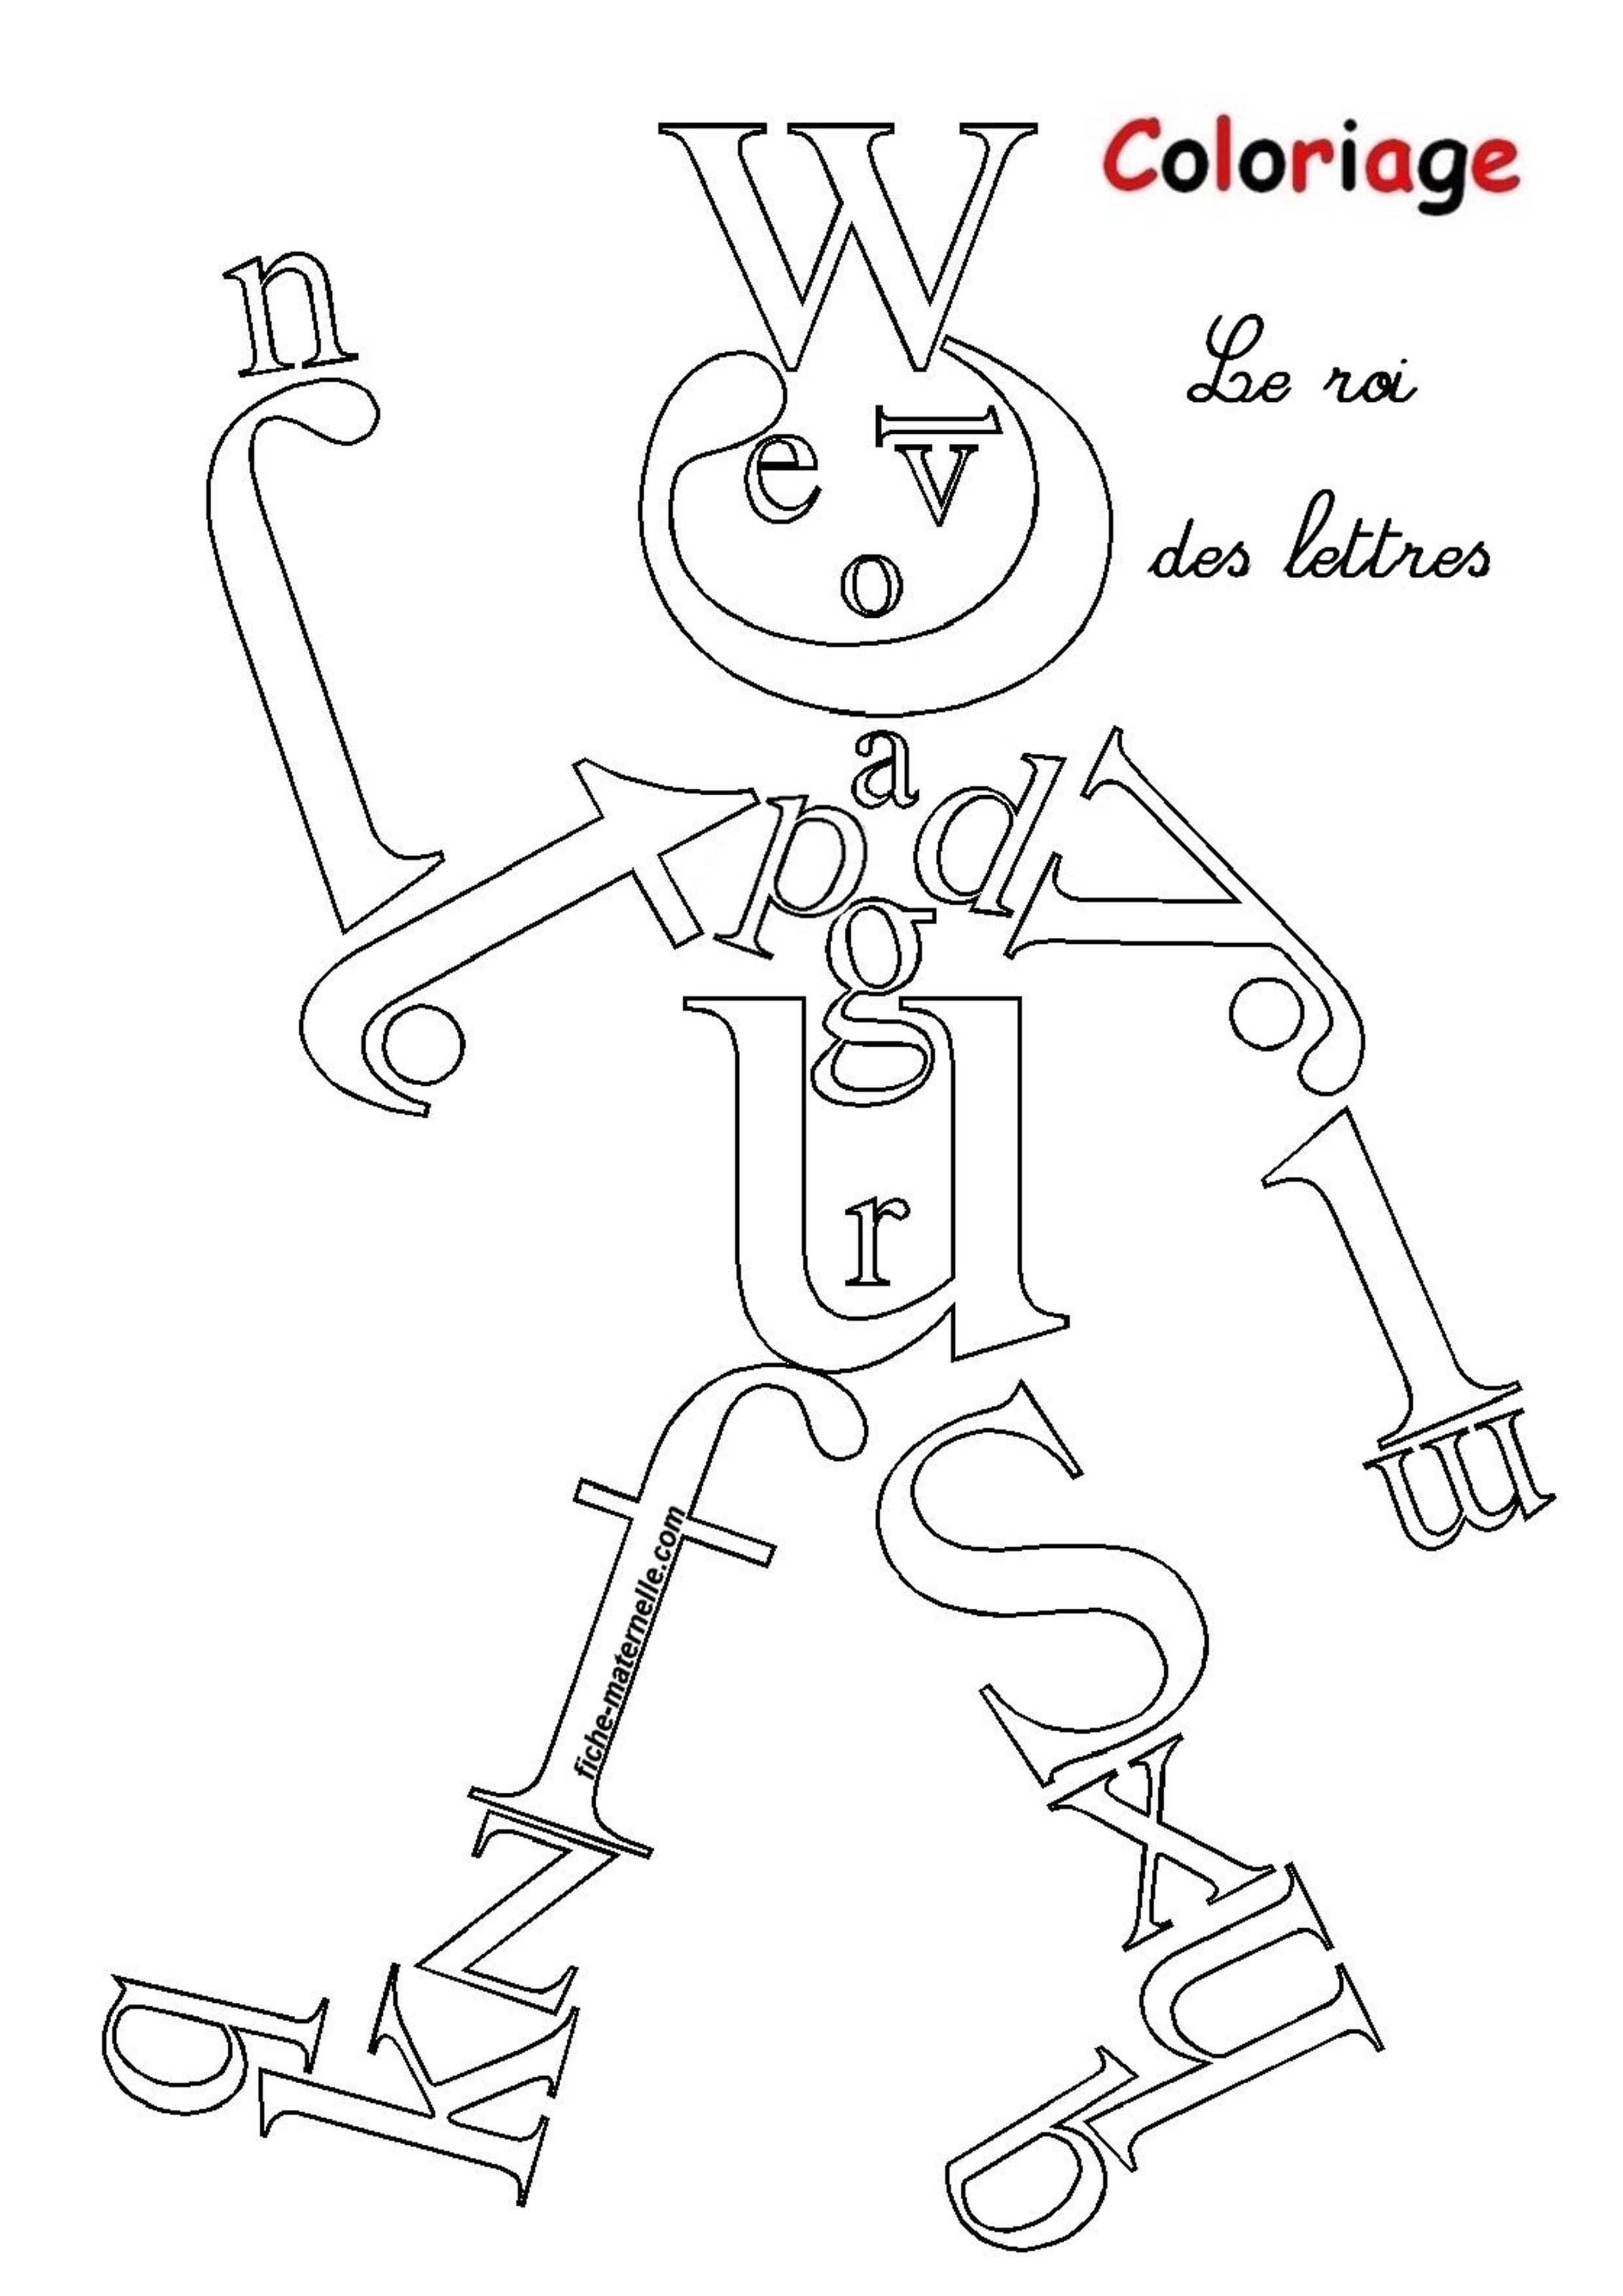 Coloriage Educatif Pour Les Plus Petits Apprendre Les Lettres